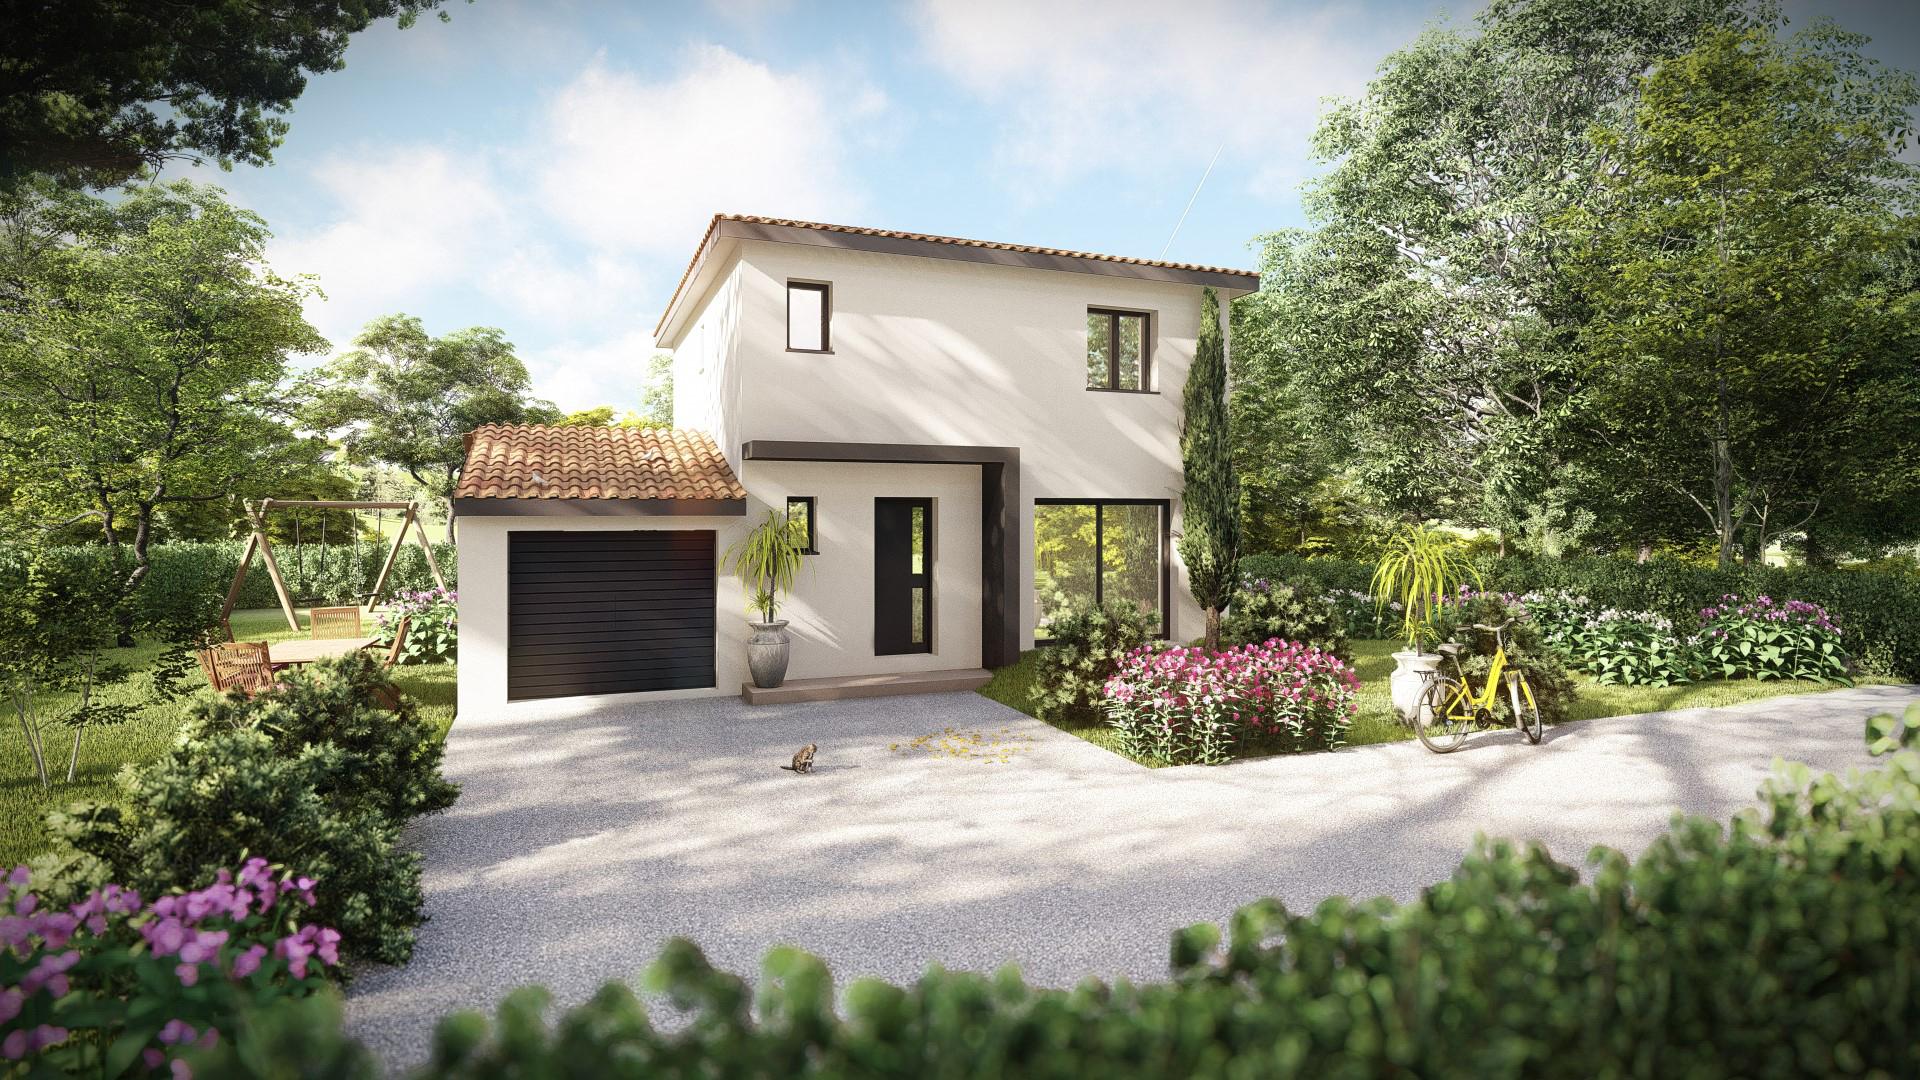 Maisons + Terrains du constructeur MV PROMOTION • 90 m² • SAINT MARTIN DE LONDRES